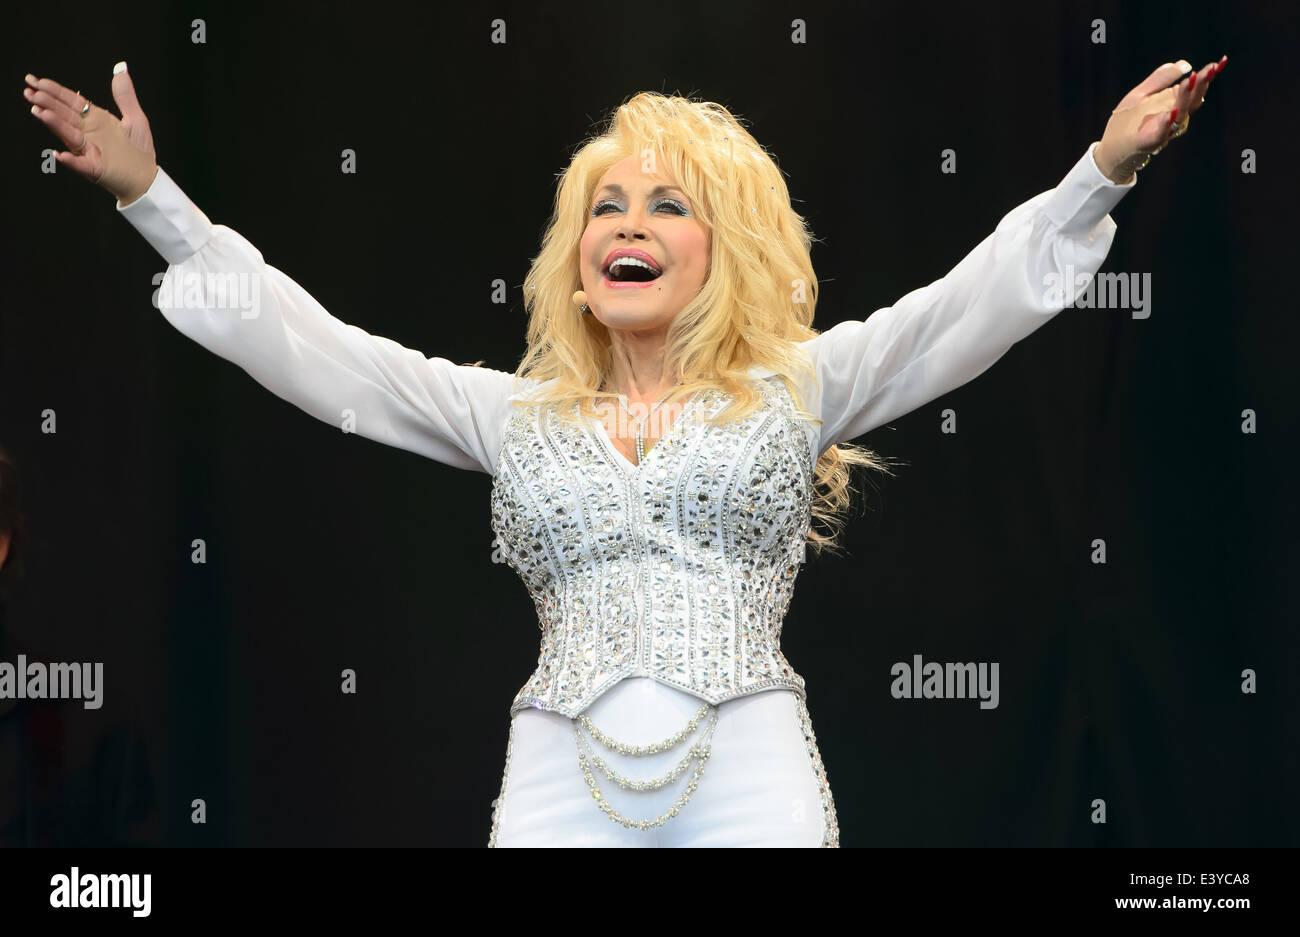 Dolly Parton joue lors du festival de musique de Glastonbury, en Angleterre, le dimanche 29 Juin, 2014. Photo Stock